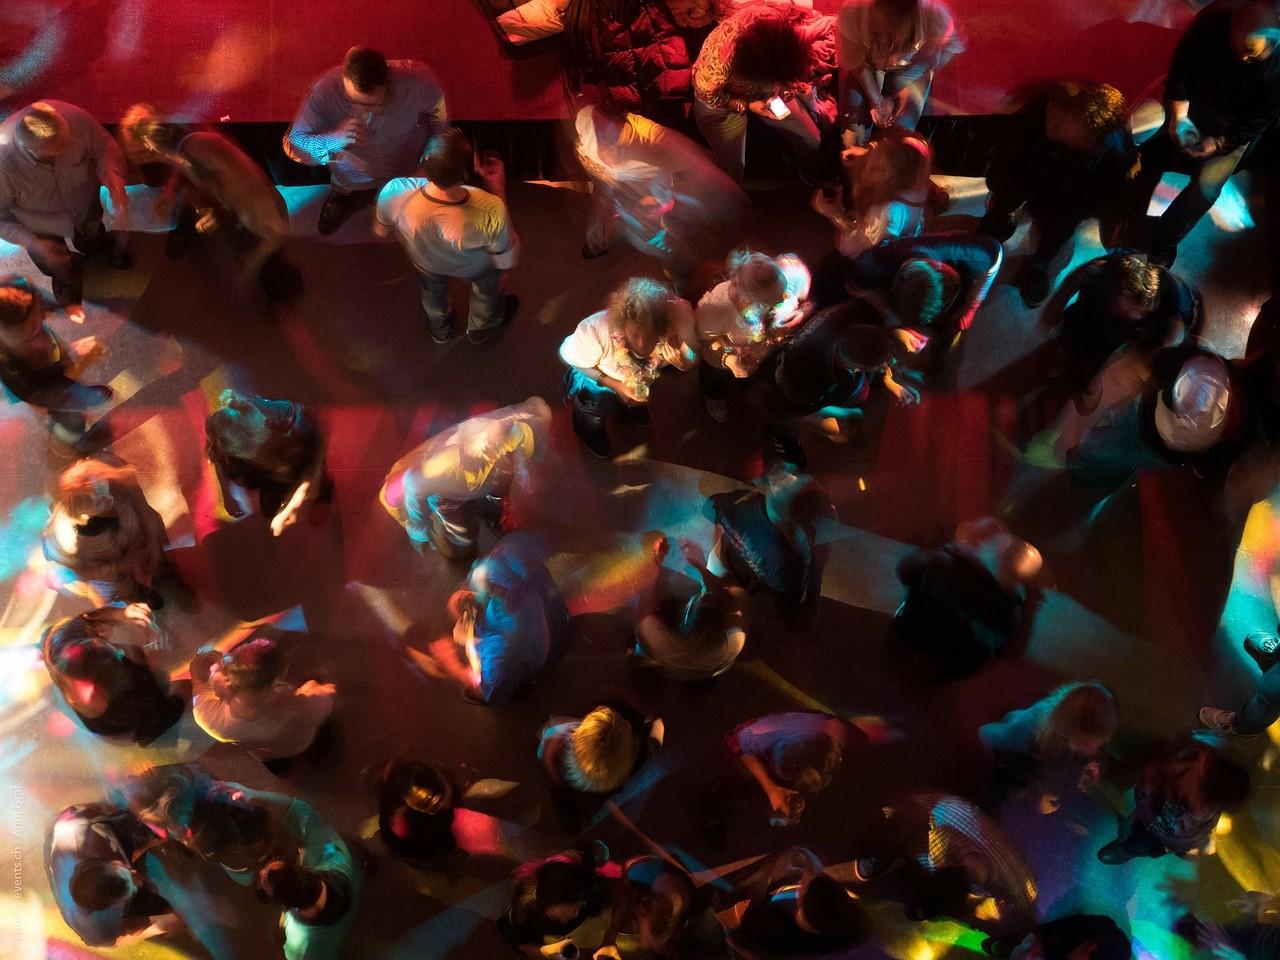 Seguros de discoteca